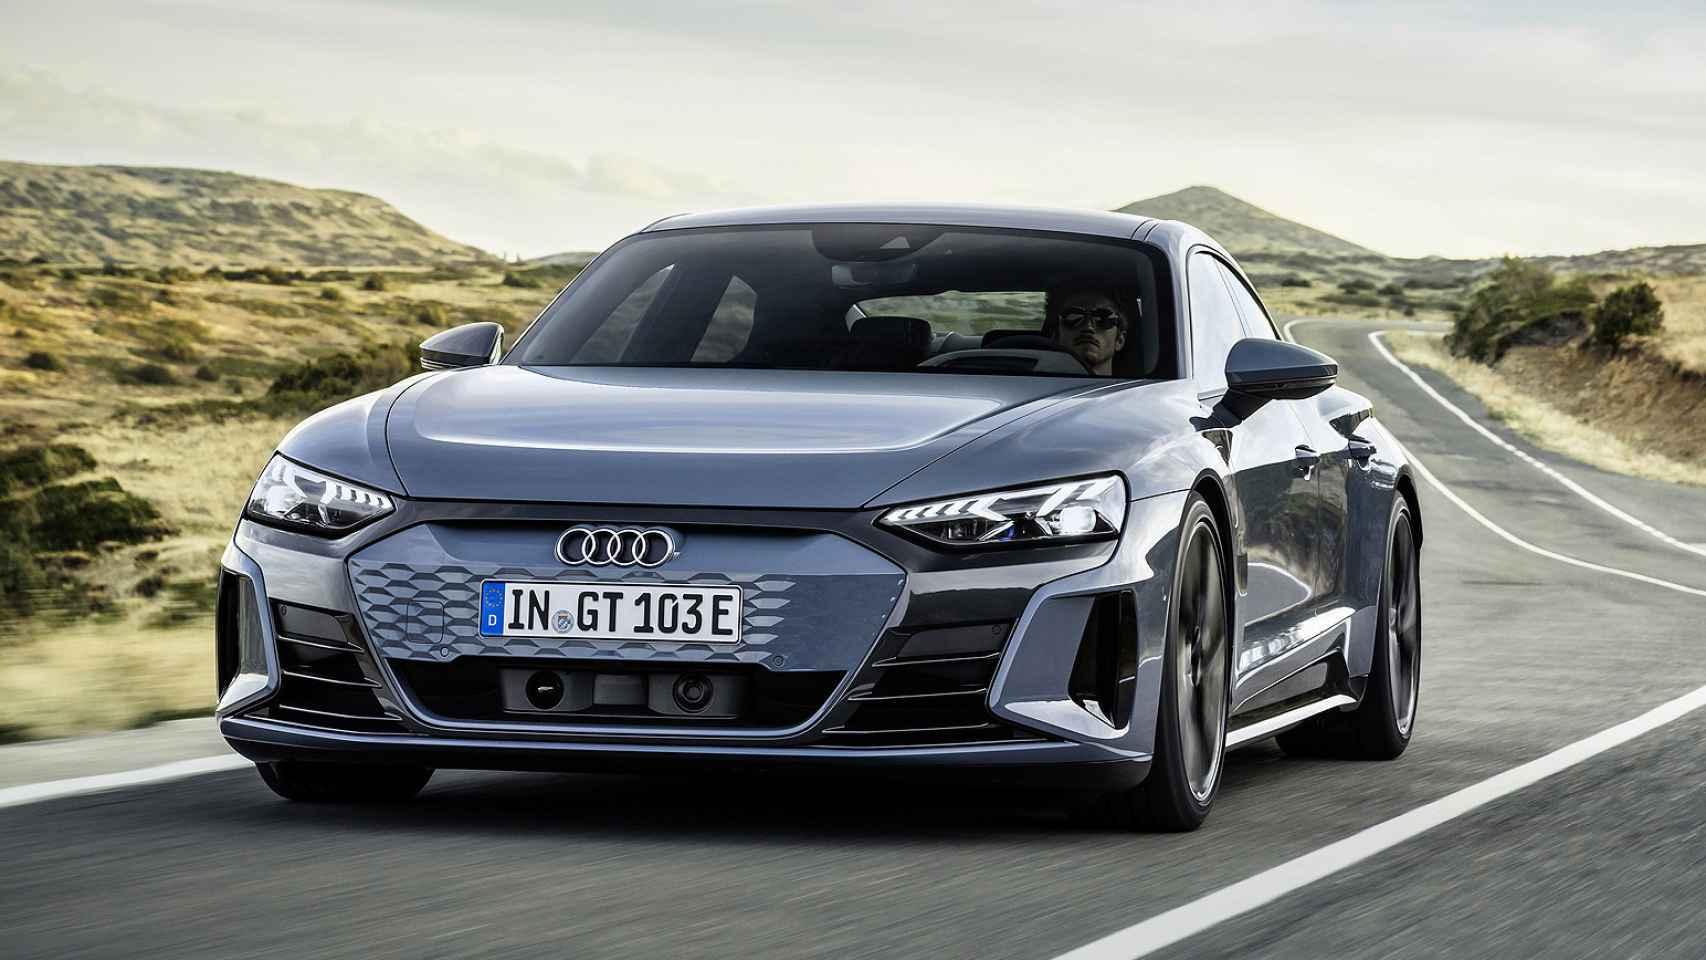 El Audi e-tron GT es un deportivo coupé 100% eléctrico con cinco puertas y cuatro plazas.